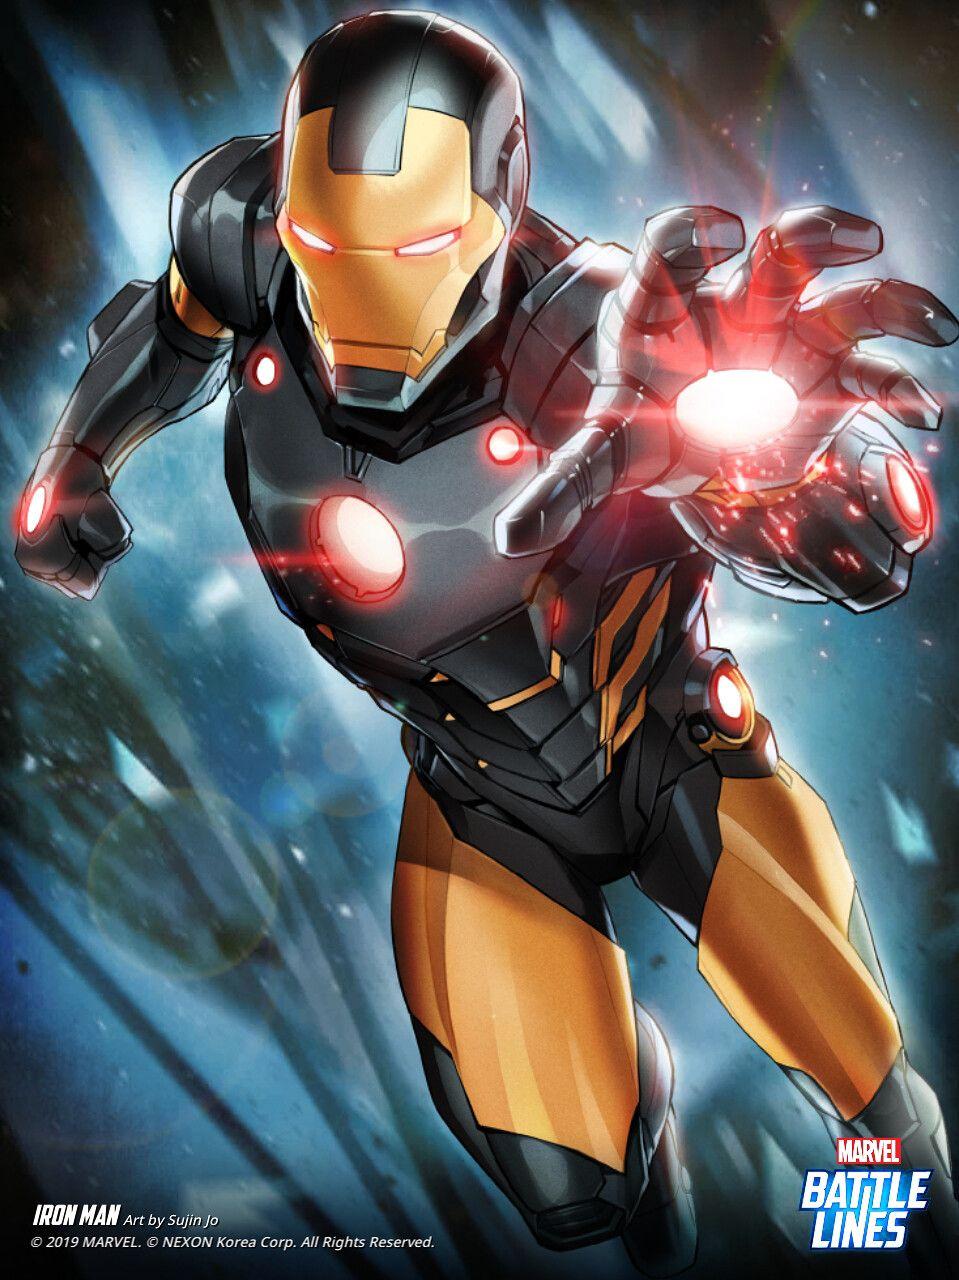 Artstation Marvel Battle Lines Iron Man Black And Gold Armor Sujin Jo Iron Man Armor Iron Man Iron Man Noir